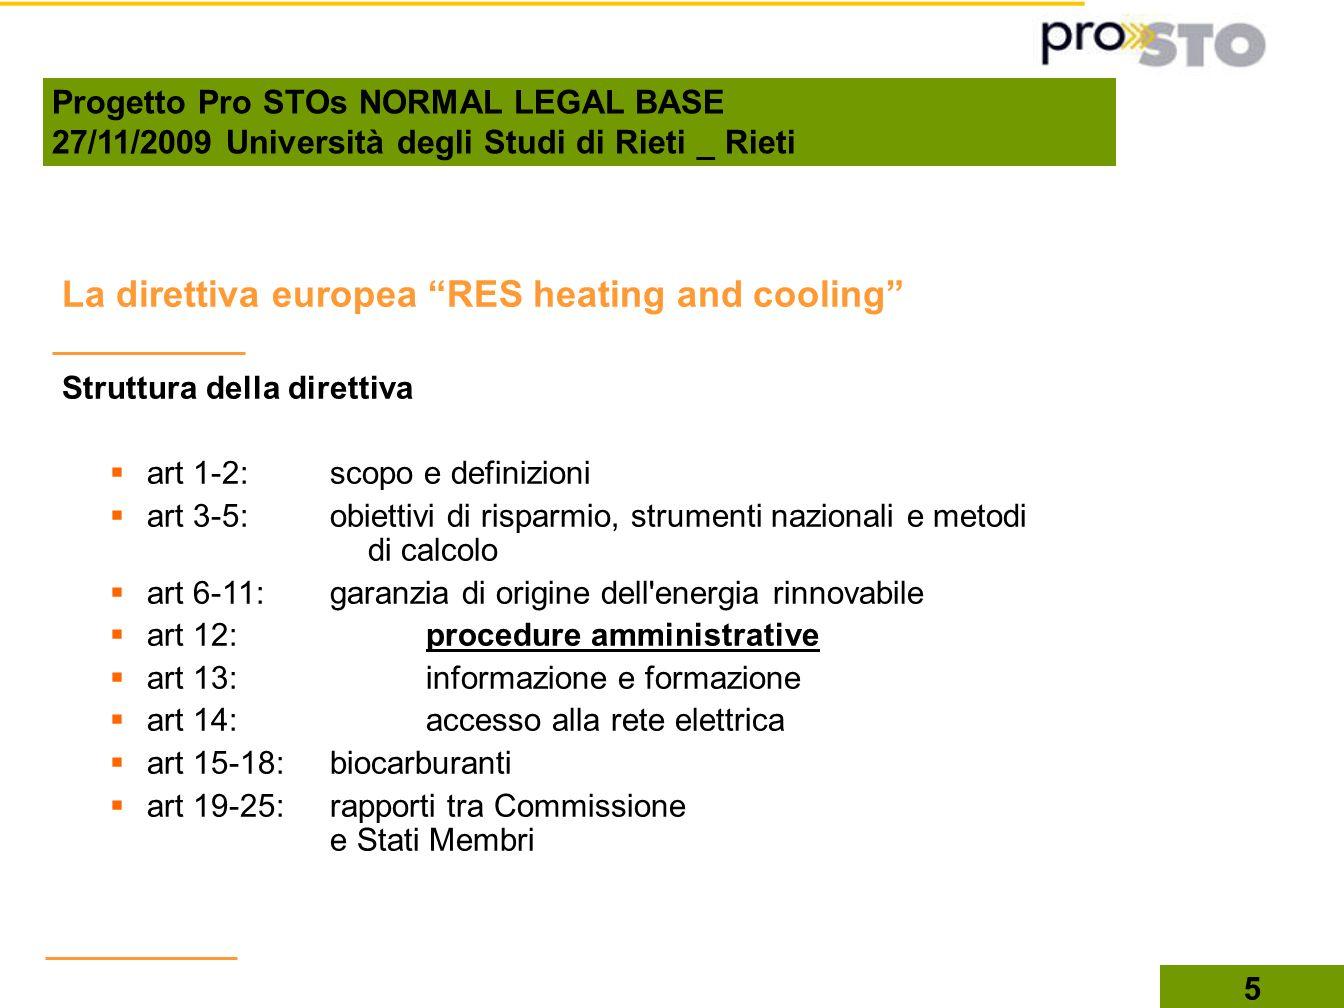 5 La direttiva europea RES heating and cooling Struttura della direttiva art 1-2: scopo e definizioni art 3-5: obiettivi di risparmio, strumenti nazionali e metodi di calcolo art 6-11: garanzia di origine dell energia rinnovabile art 12: procedure amministrative art 13: informazione e formazione art 14: accesso alla rete elettrica art 15-18: biocarburanti art 19-25: rapporti tra Commissione e Stati Membri Progetto Pro STOs NORMAL LEGAL BASE 27/11/2009 Università degli Studi di Rieti _ Rieti